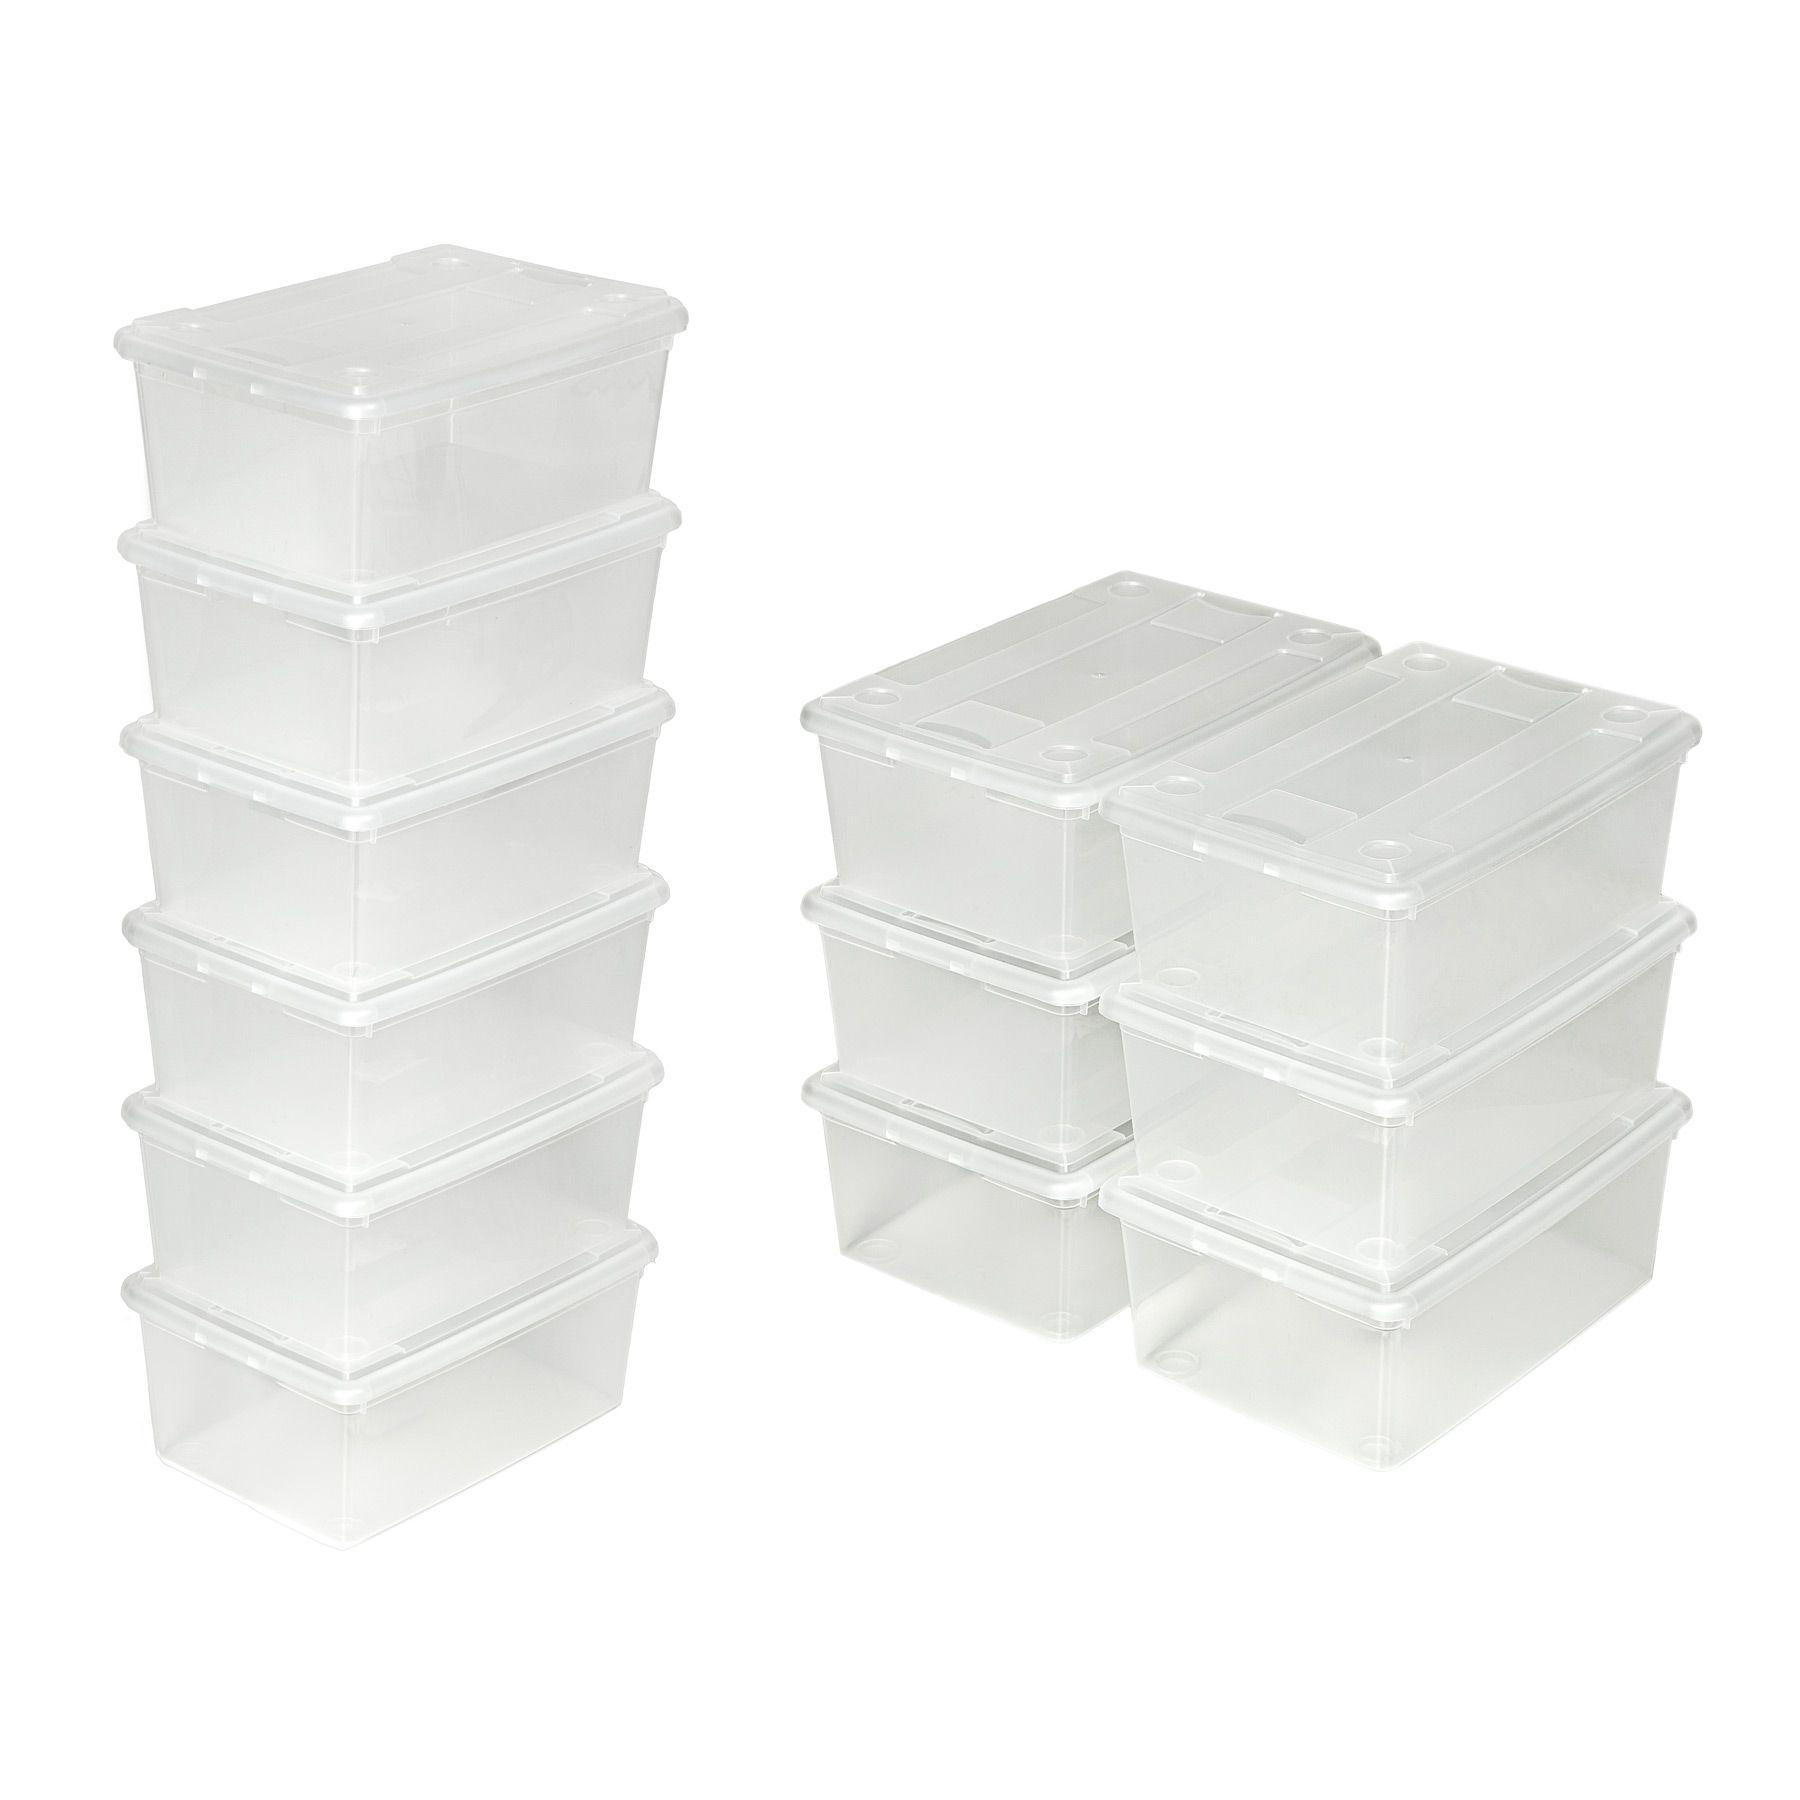 6er set schuhbox mit deckel stapelbar aufbewahrungsbox. Black Bedroom Furniture Sets. Home Design Ideas